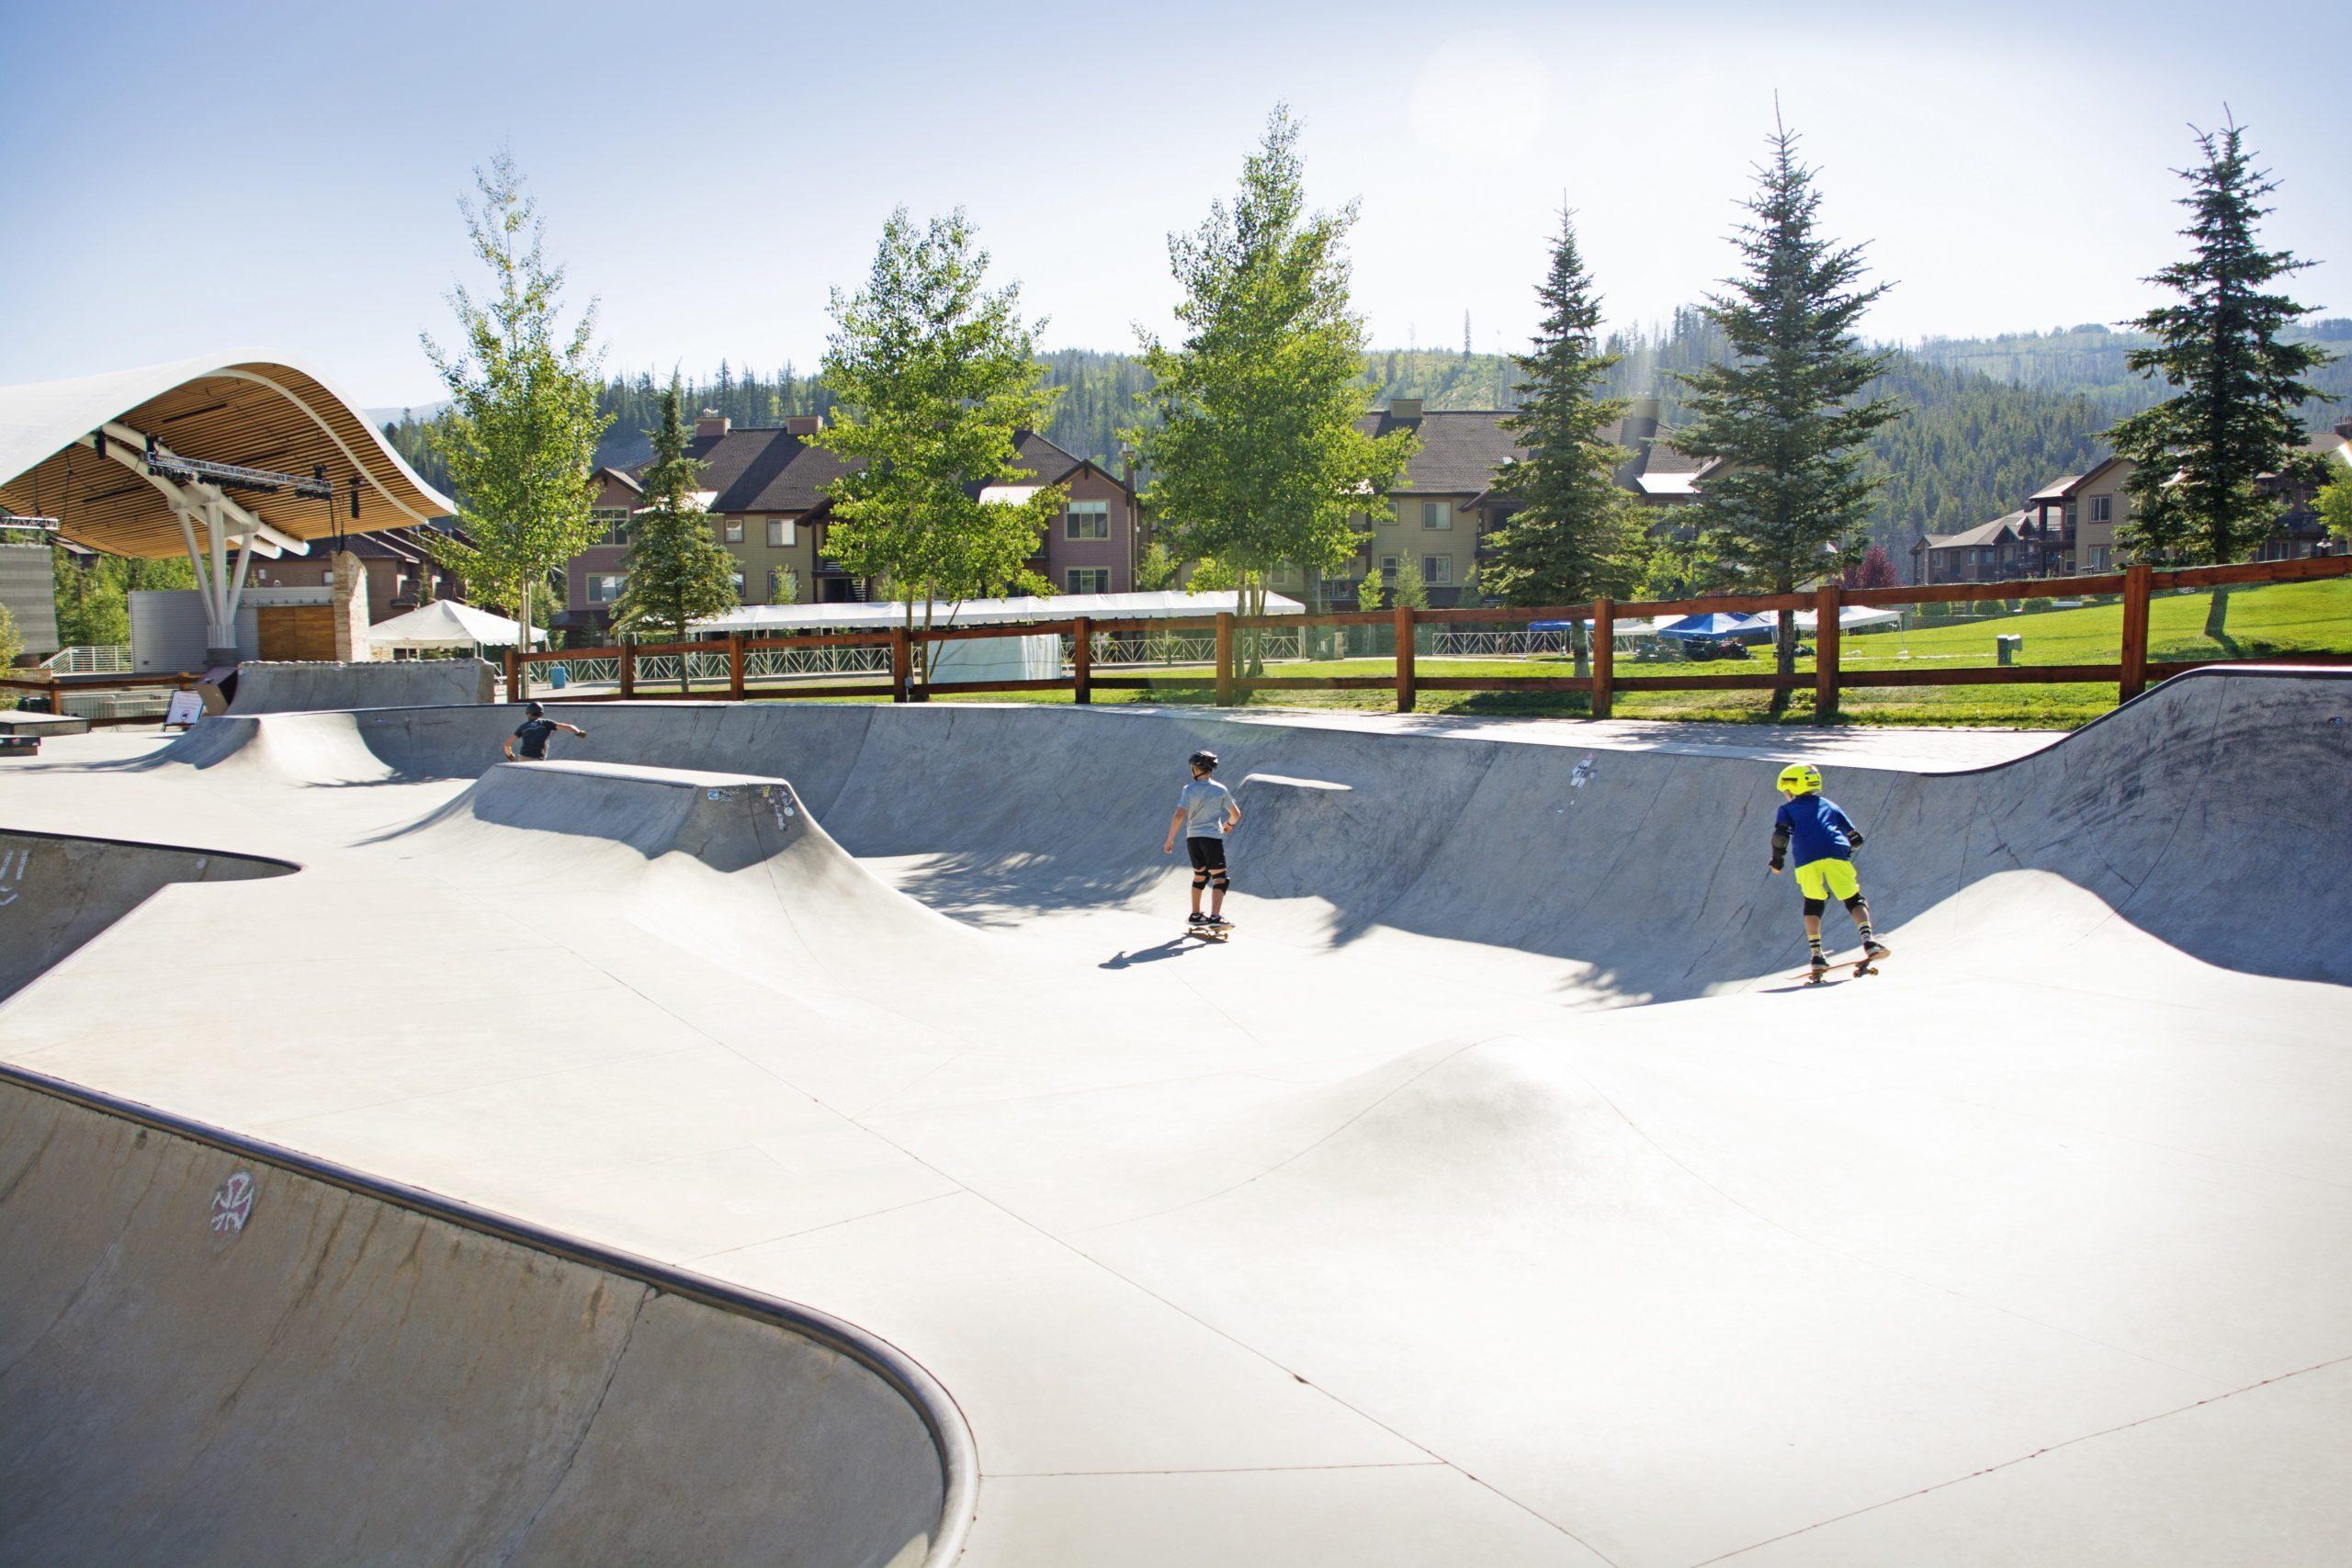 Children at Skate Park